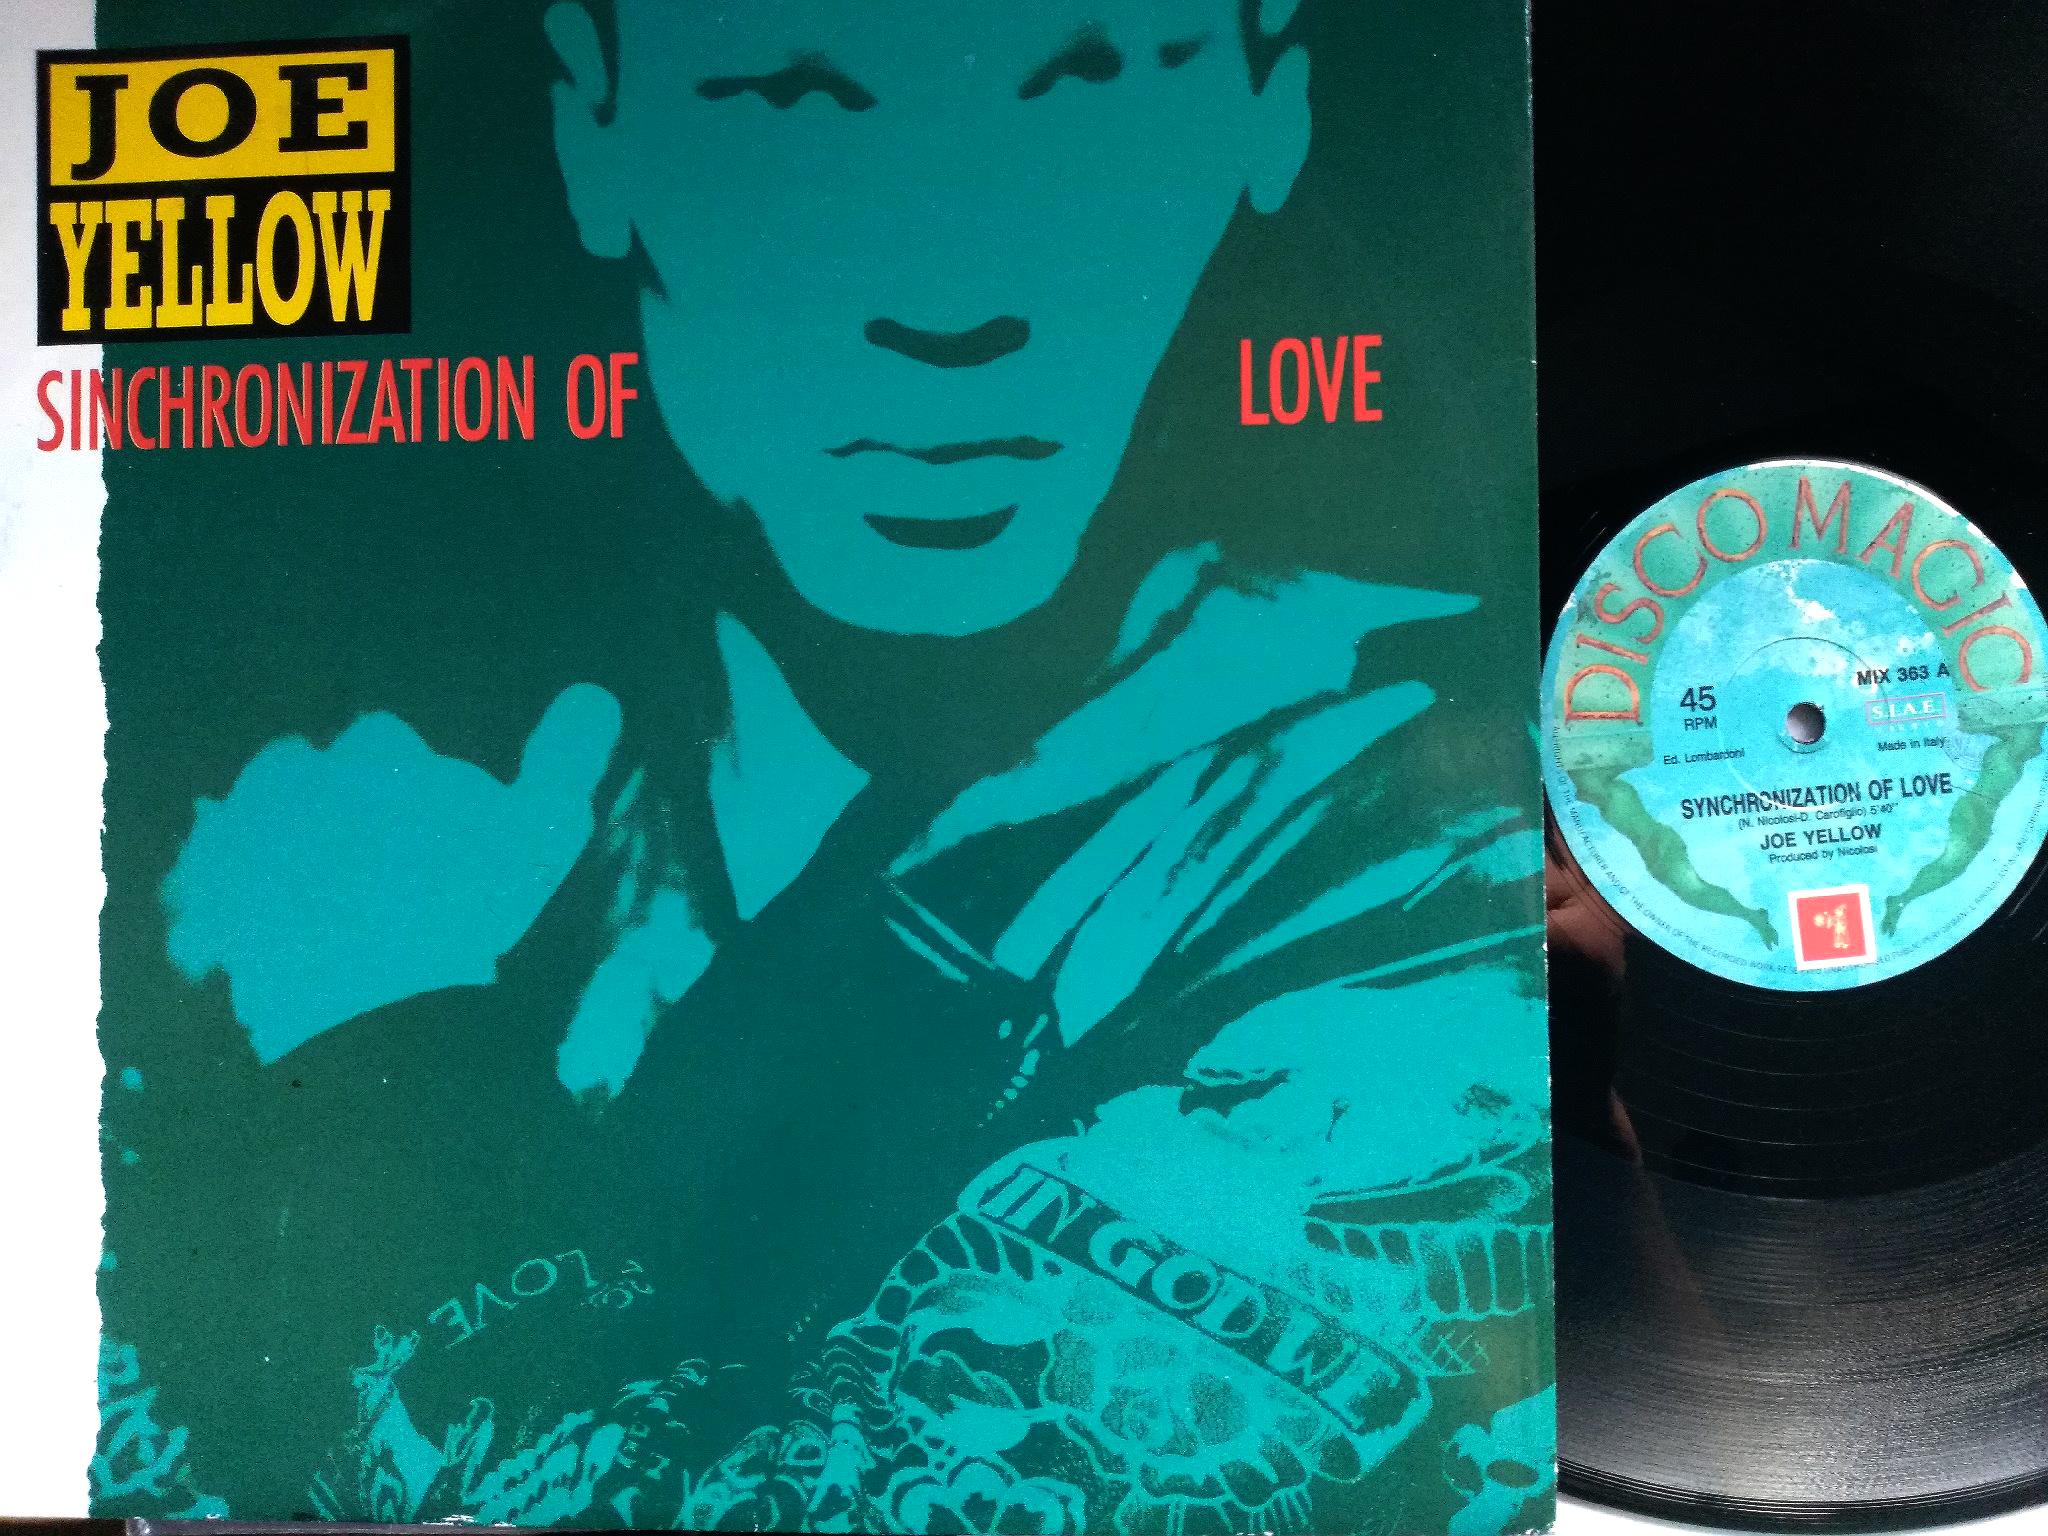 Joe Yellow - Sinchonization Of Love